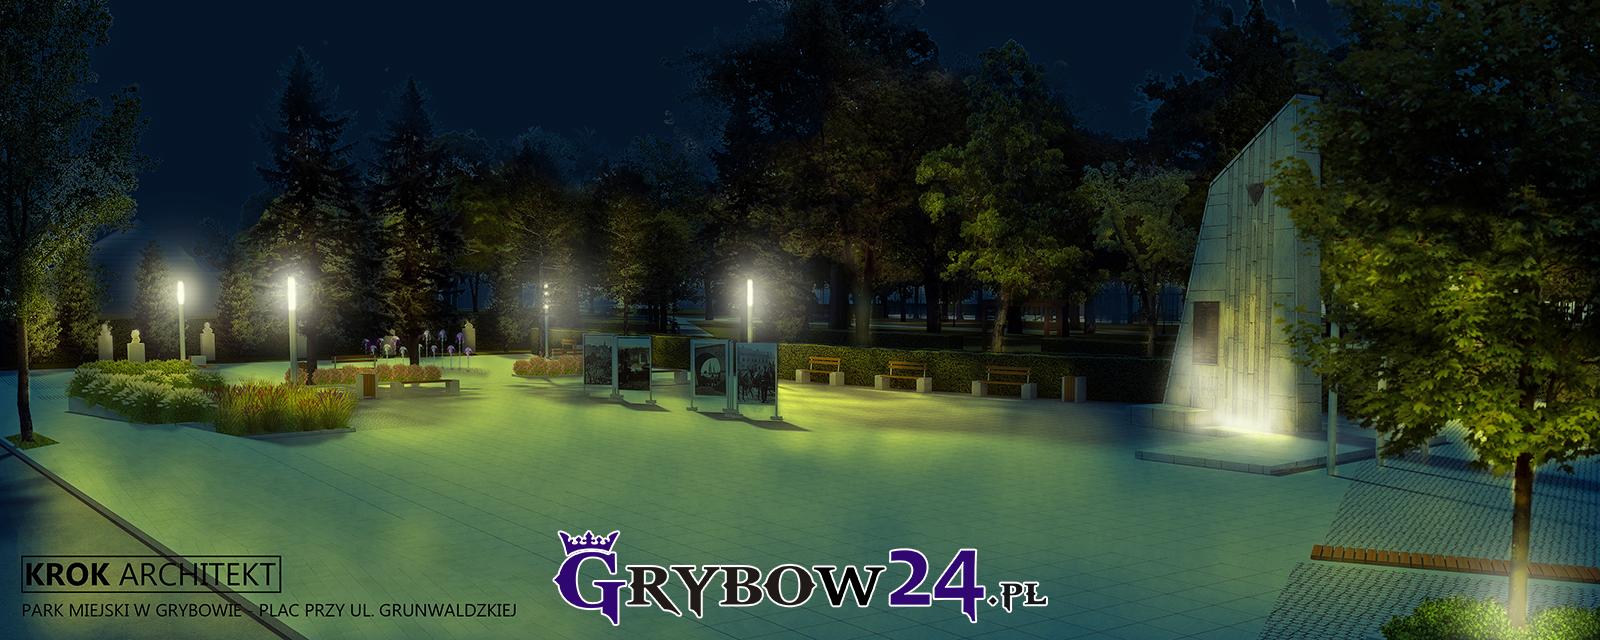 Rewitalizacja Parku Miejskiego wGrybowie (Wizualizacja KROK ARCHITEKT)